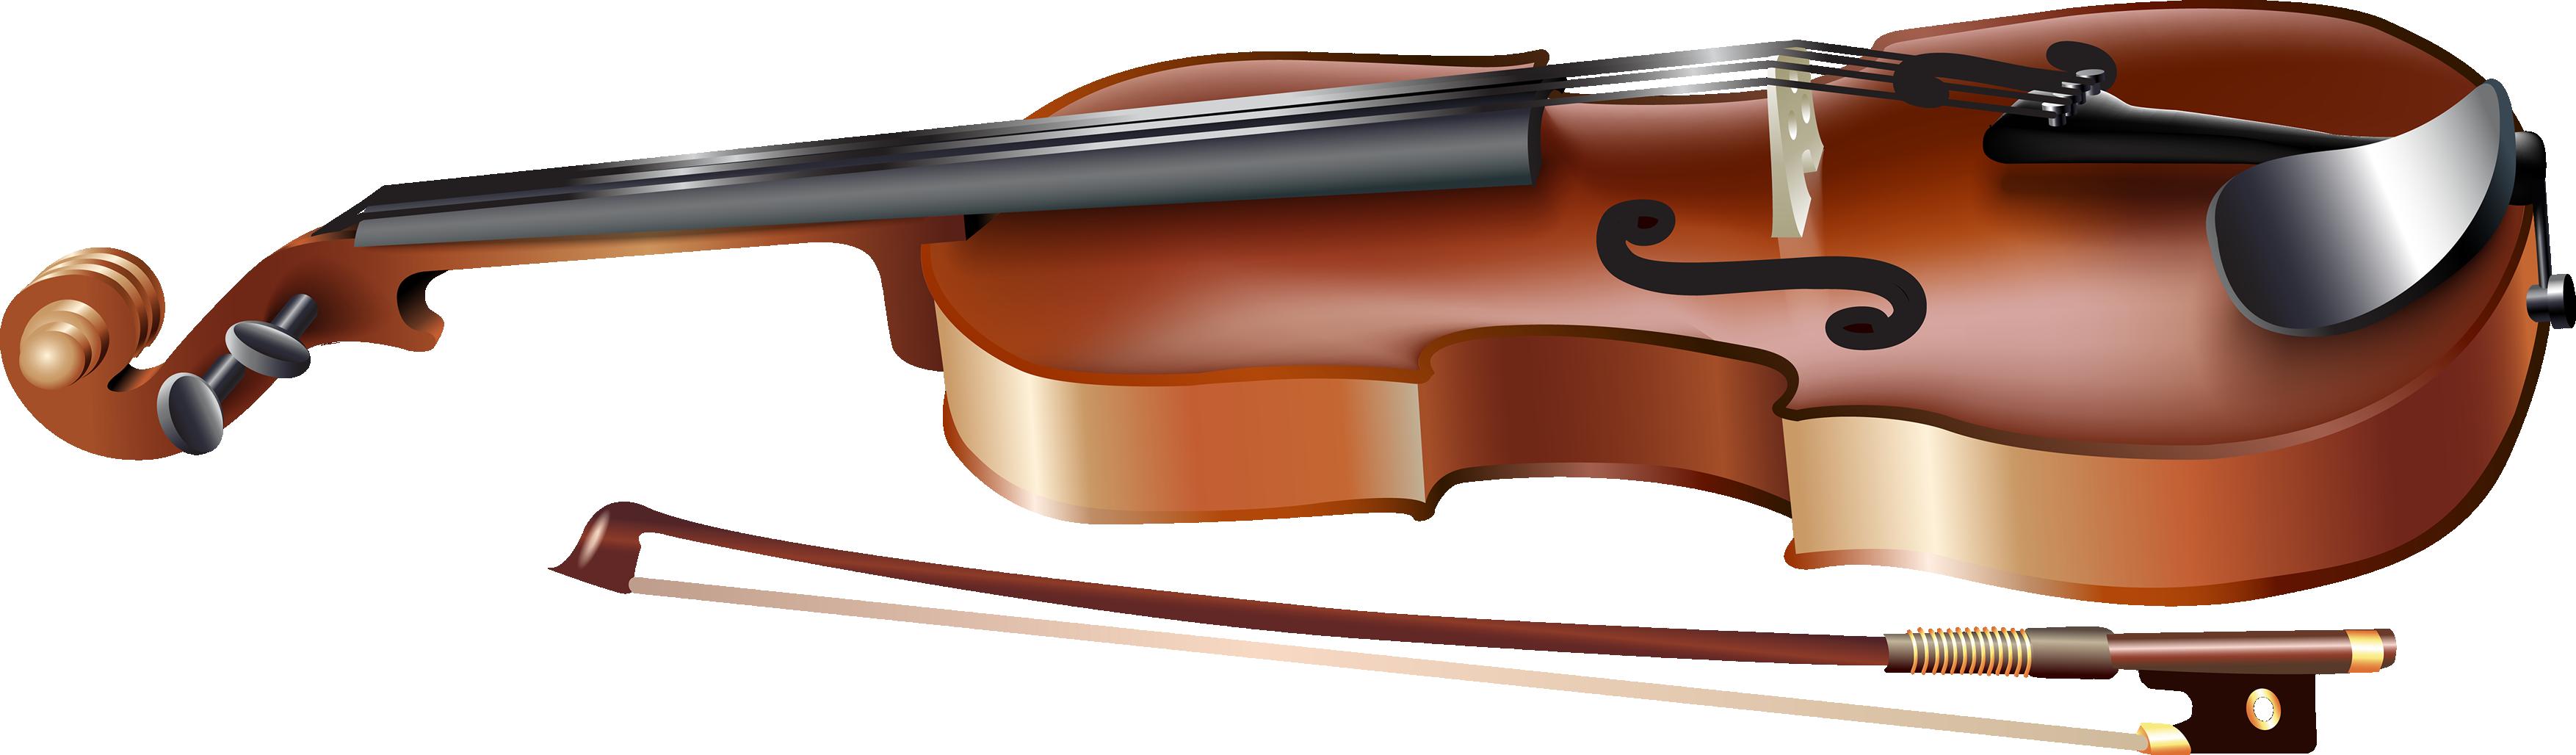 Violin Violin Violin Bow Clip Art